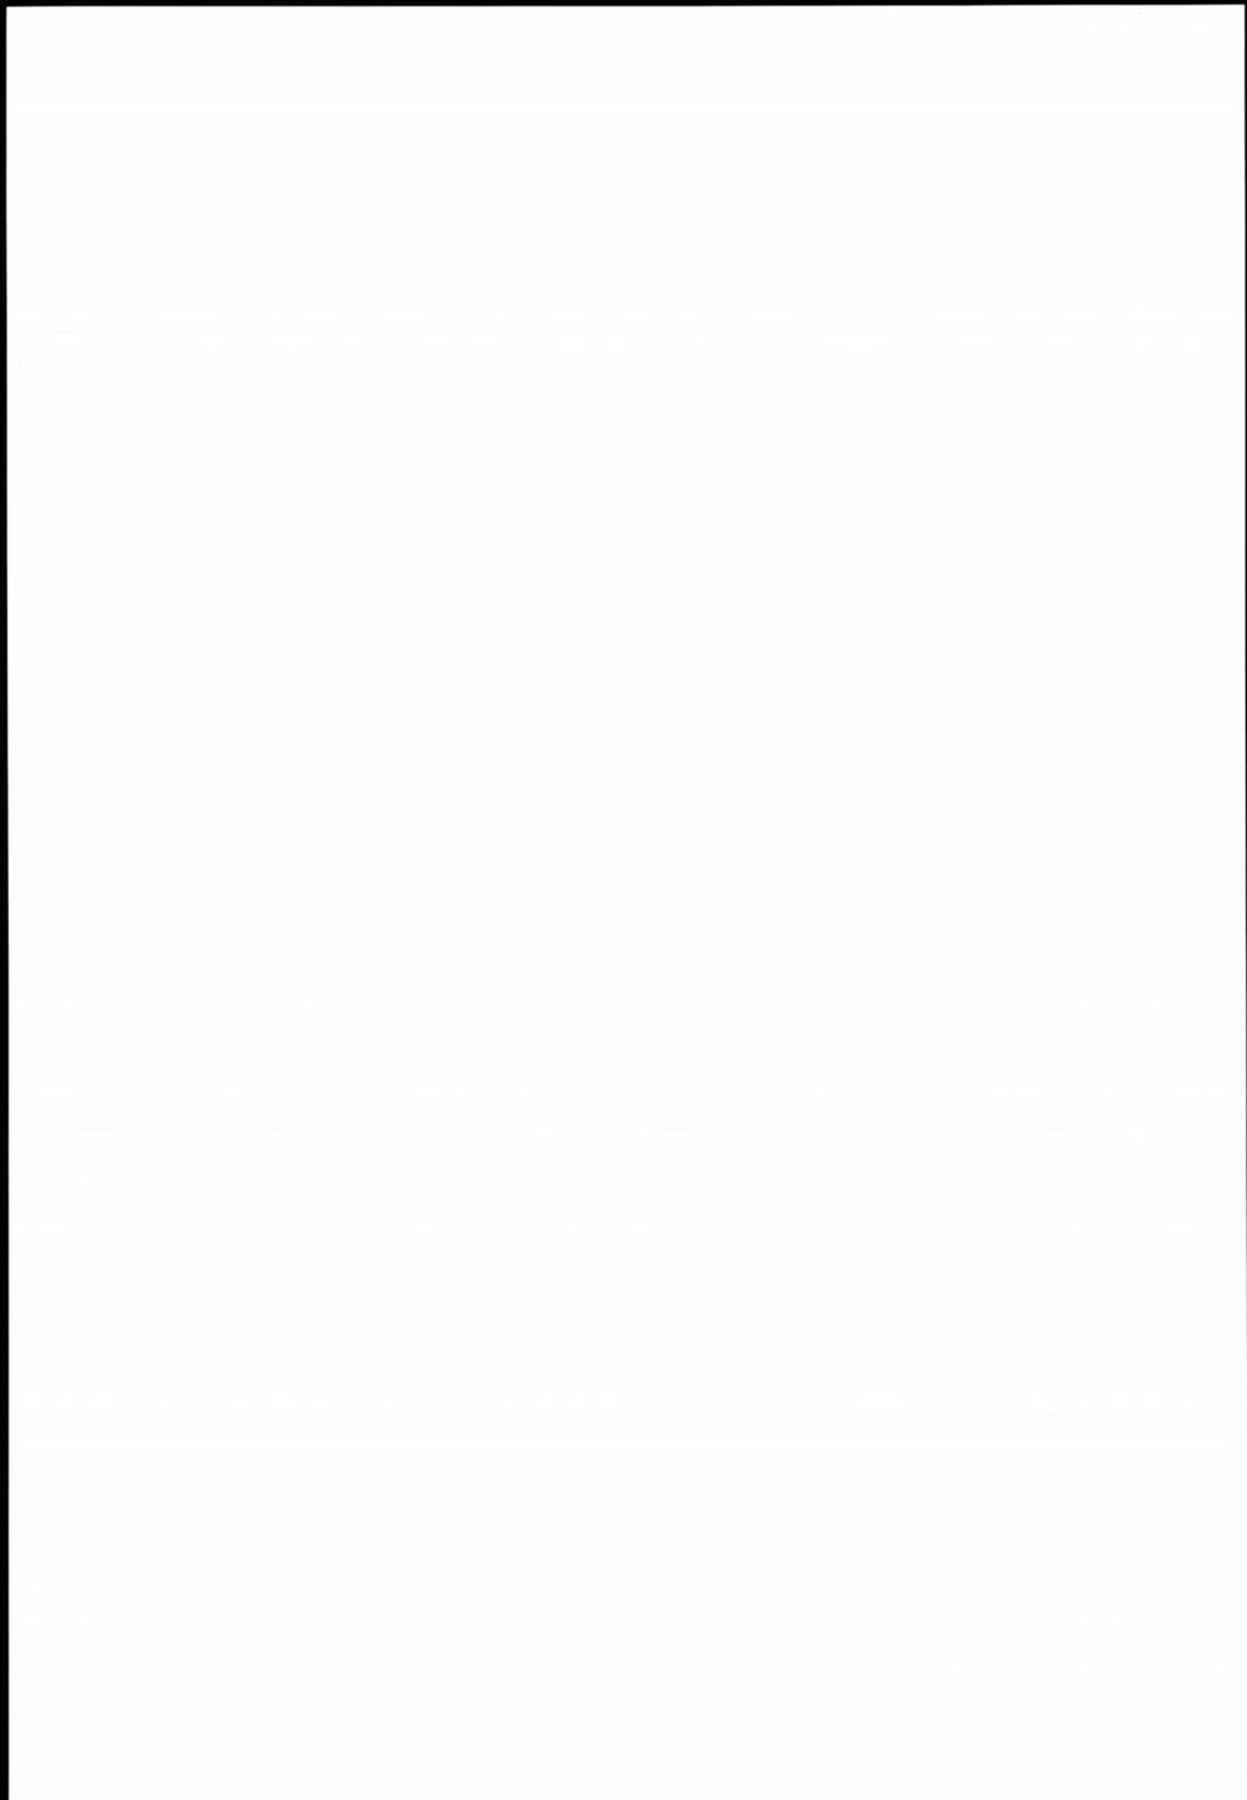 FFやペルソナ、龍が如くの世界を井之頭五郎が渡り歩くコメディwww【よろず エロ漫画・エロ同人】 (7)